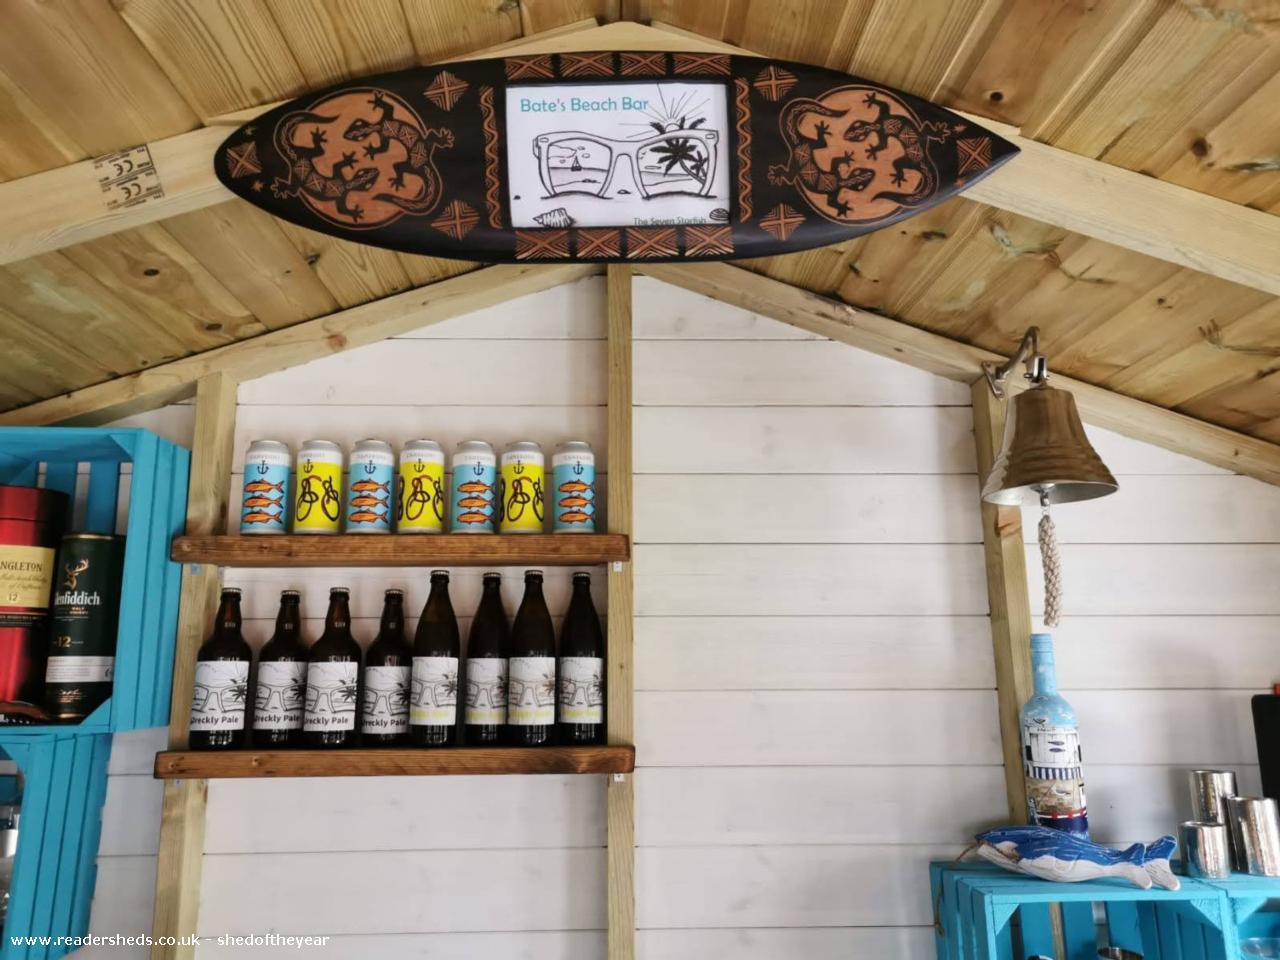 Bate's beach bar